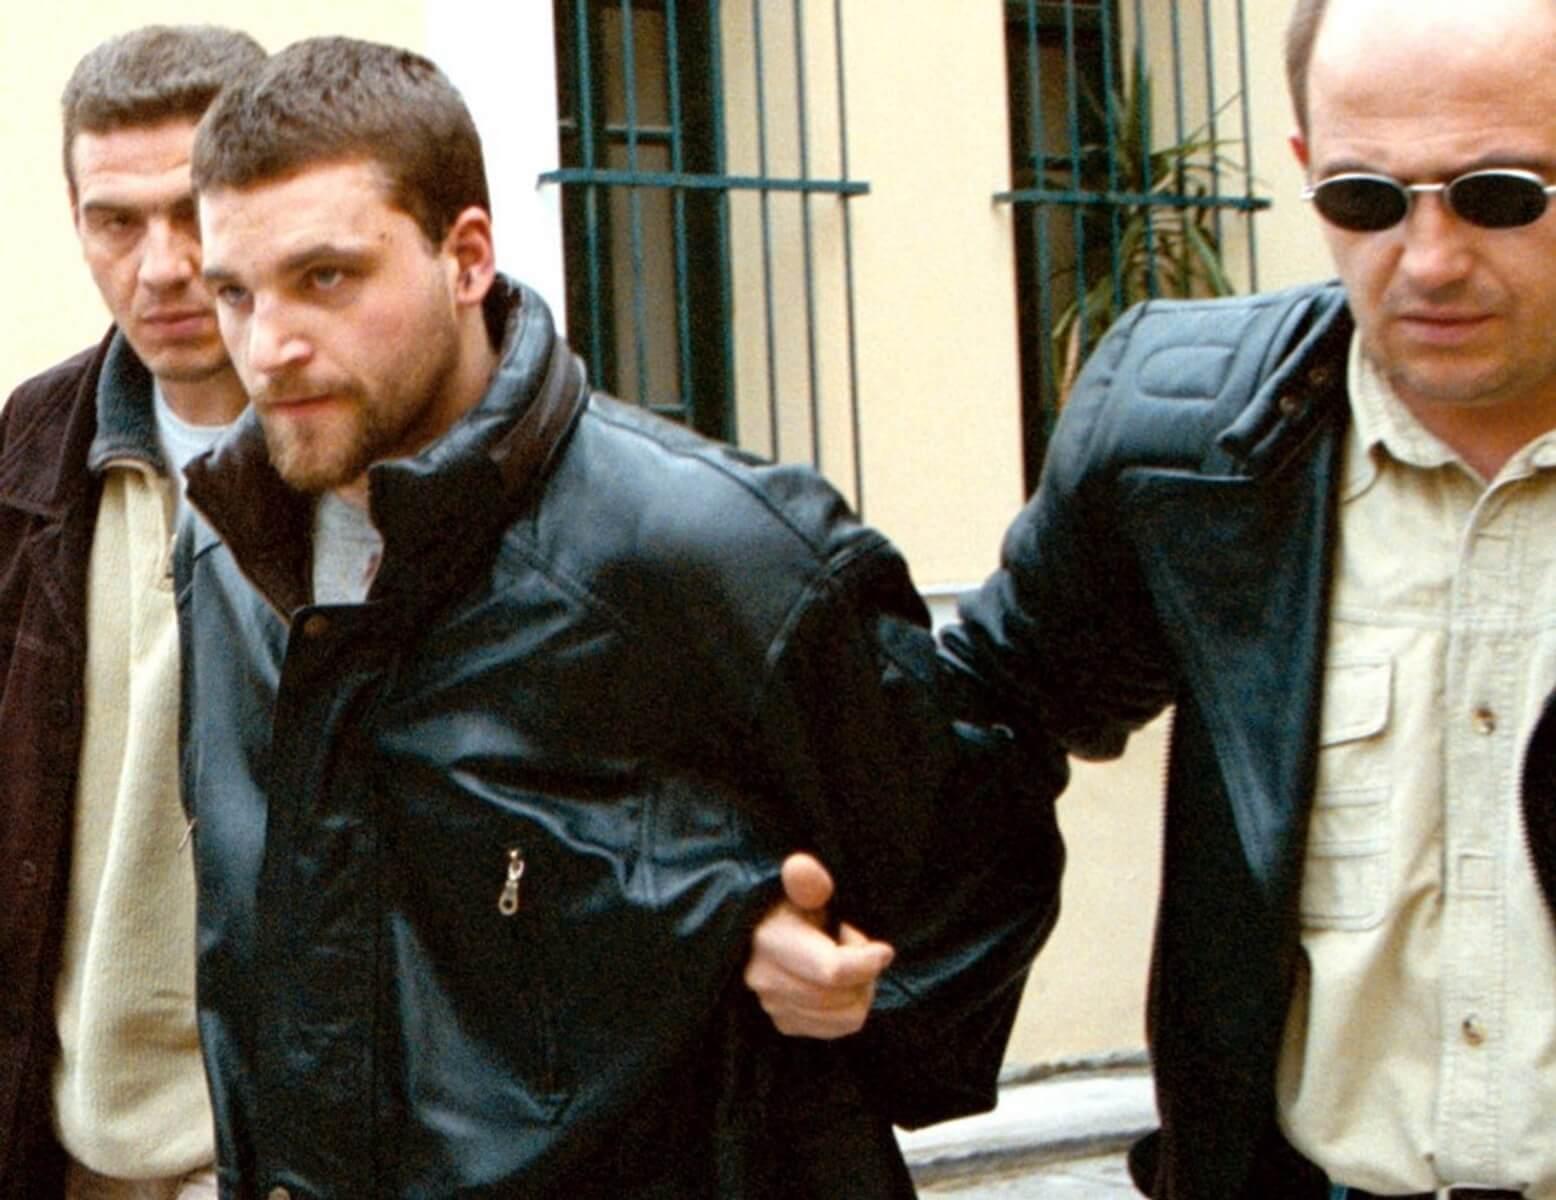 Δίκη Πάσσαρη: Ξαναζωντάνεψε η φρίκη! «Αντίκρισα έναν άνθρωπο θηρίο, έβριζε, έφτυνε, ήταν αγρίμι»